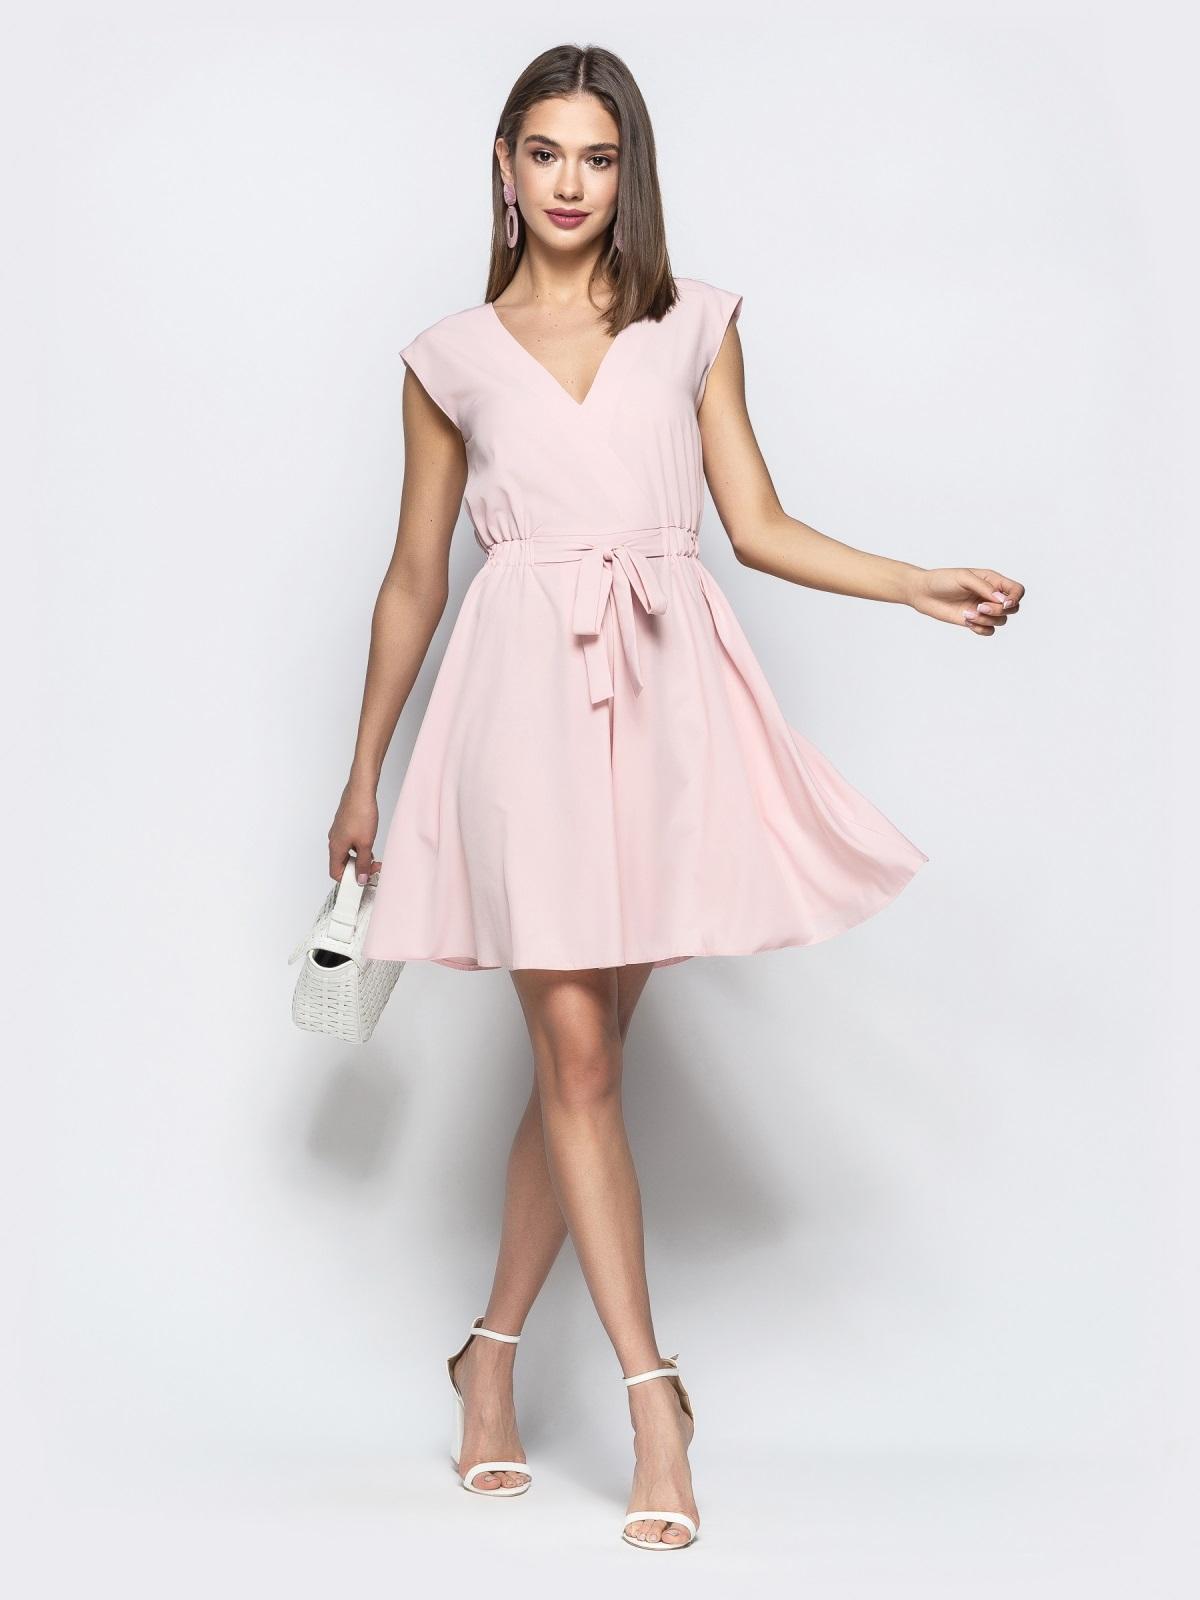 Пудровое платье с юбкой-солнце и кулиской по талии 21728, фото 1